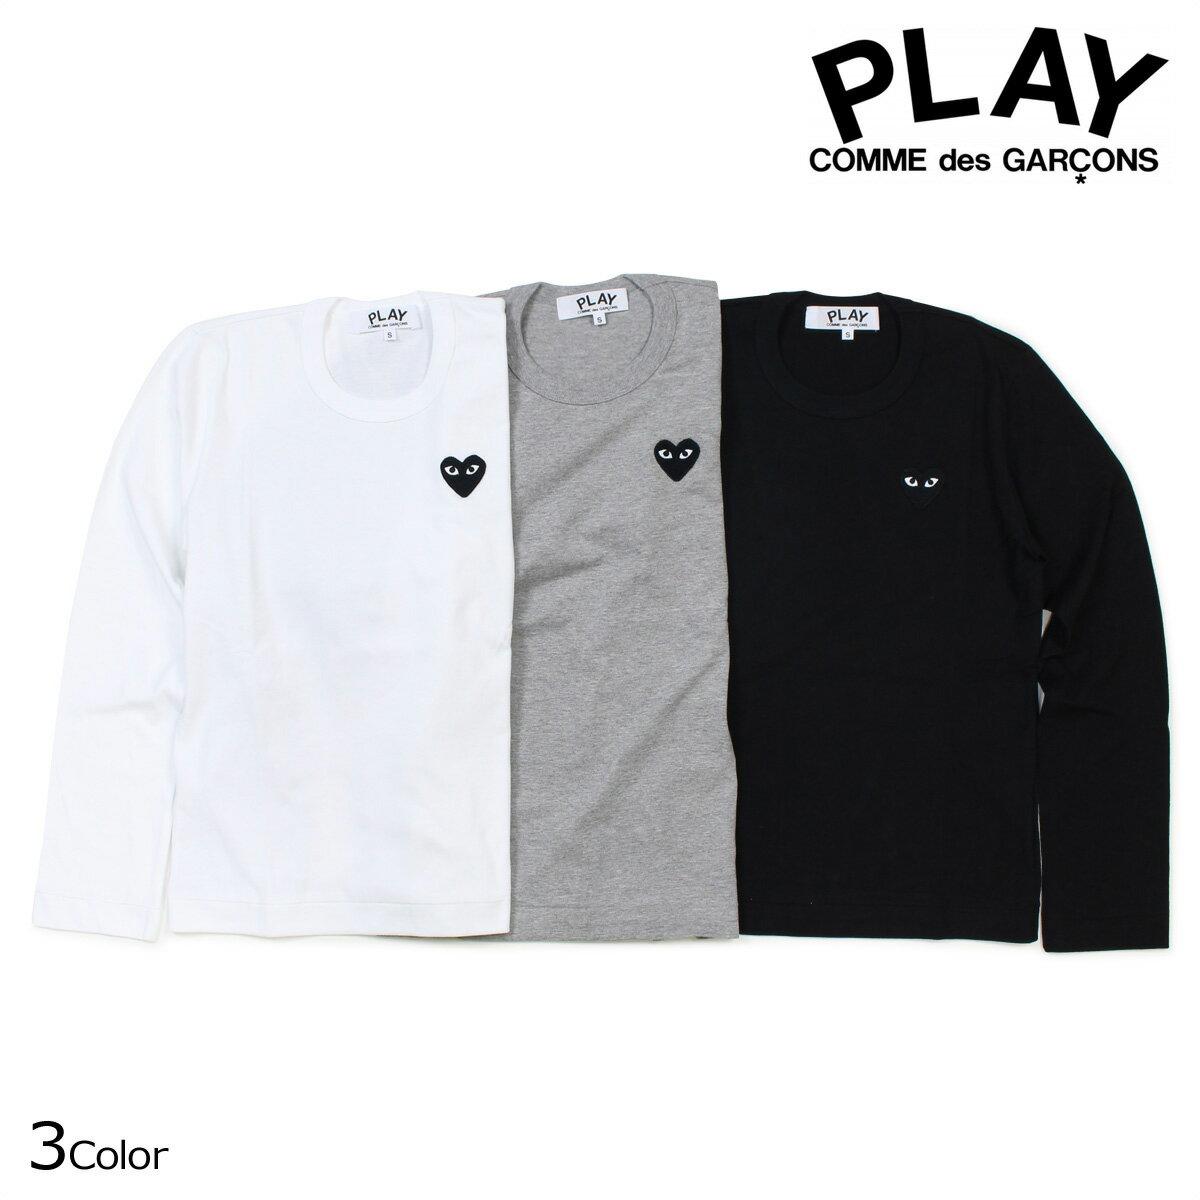 コムデギャルソン PLAY Tシャツ 長袖 COMME des GARCONS レディース BLACK HEART LS T-SHIRT カットソー AZ-T119 AZ-T121 ブラック ホワイト グレー [12/5 追加入荷]